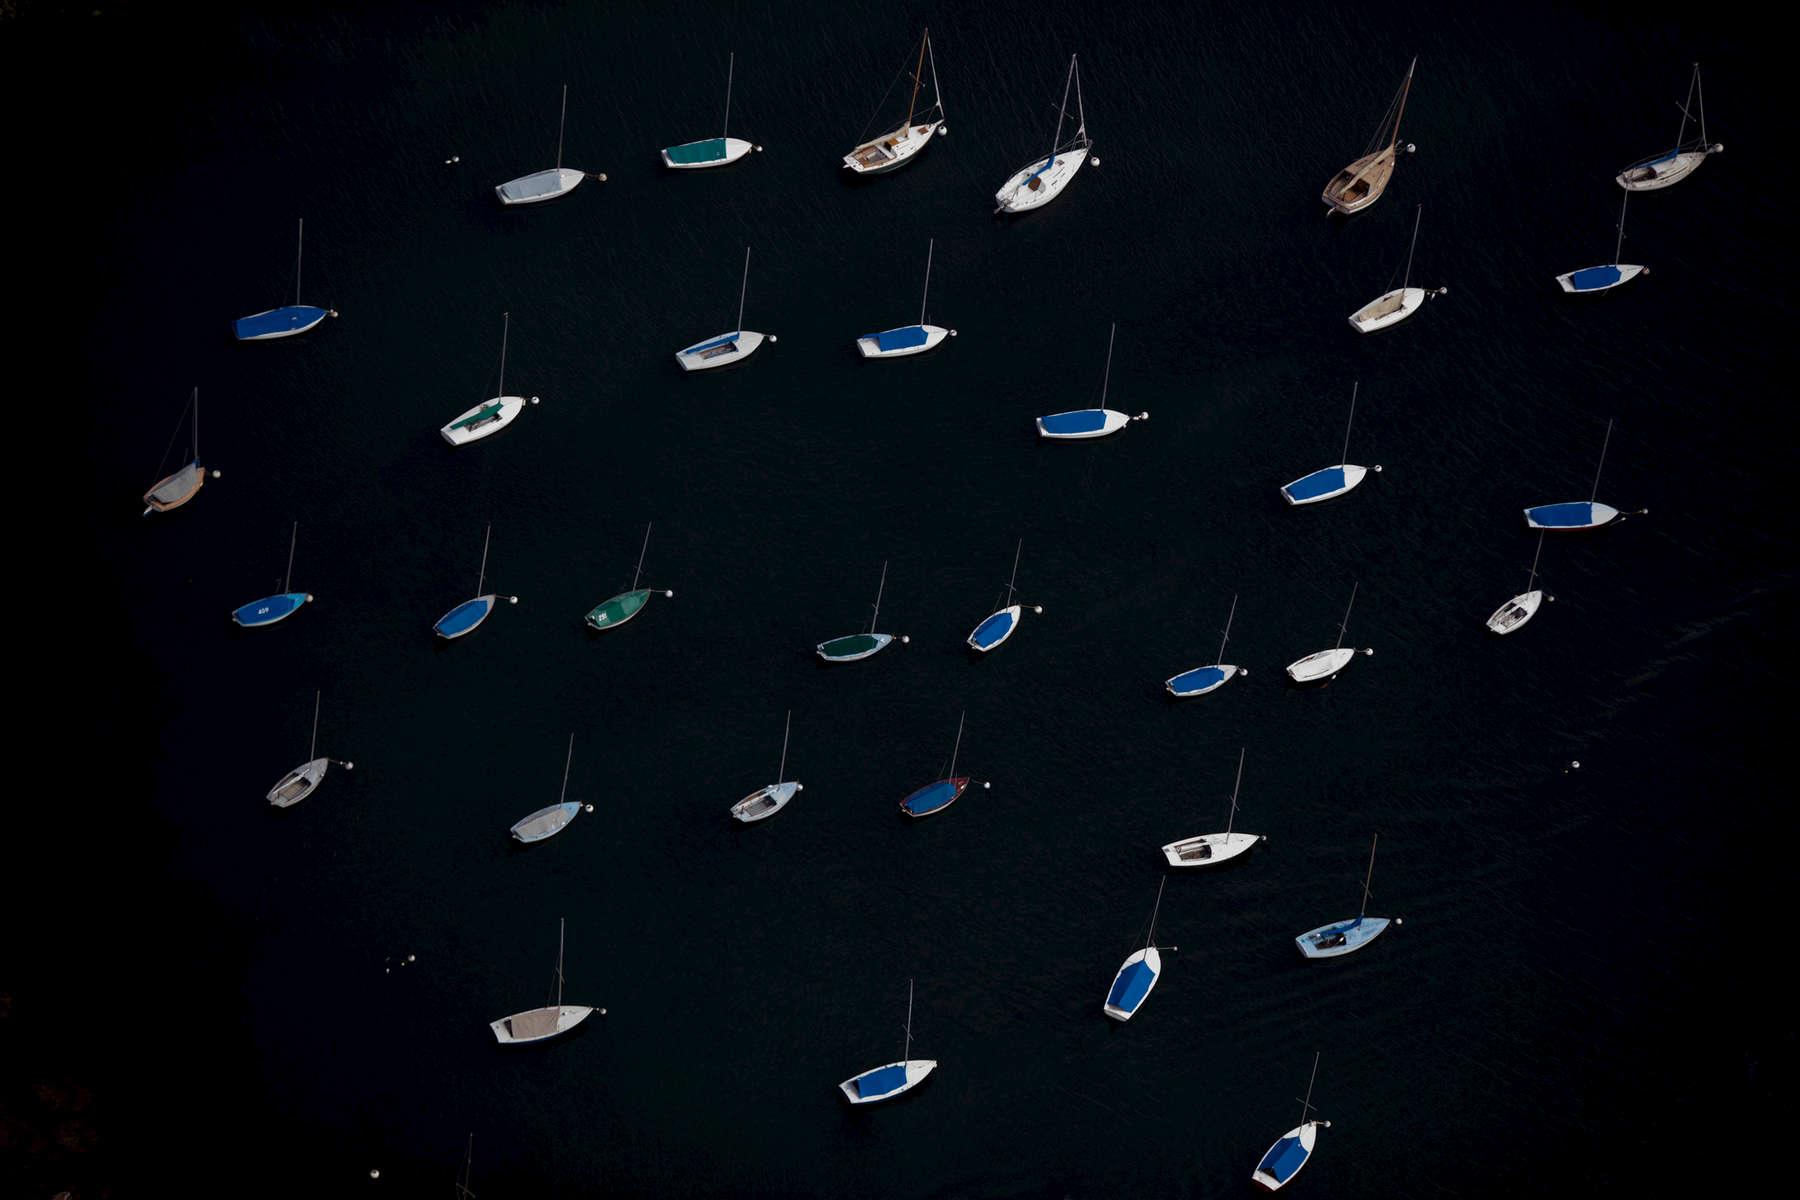 Sailboats on Moorings, Rockport, Massachusetts 2018 (180901-0259)